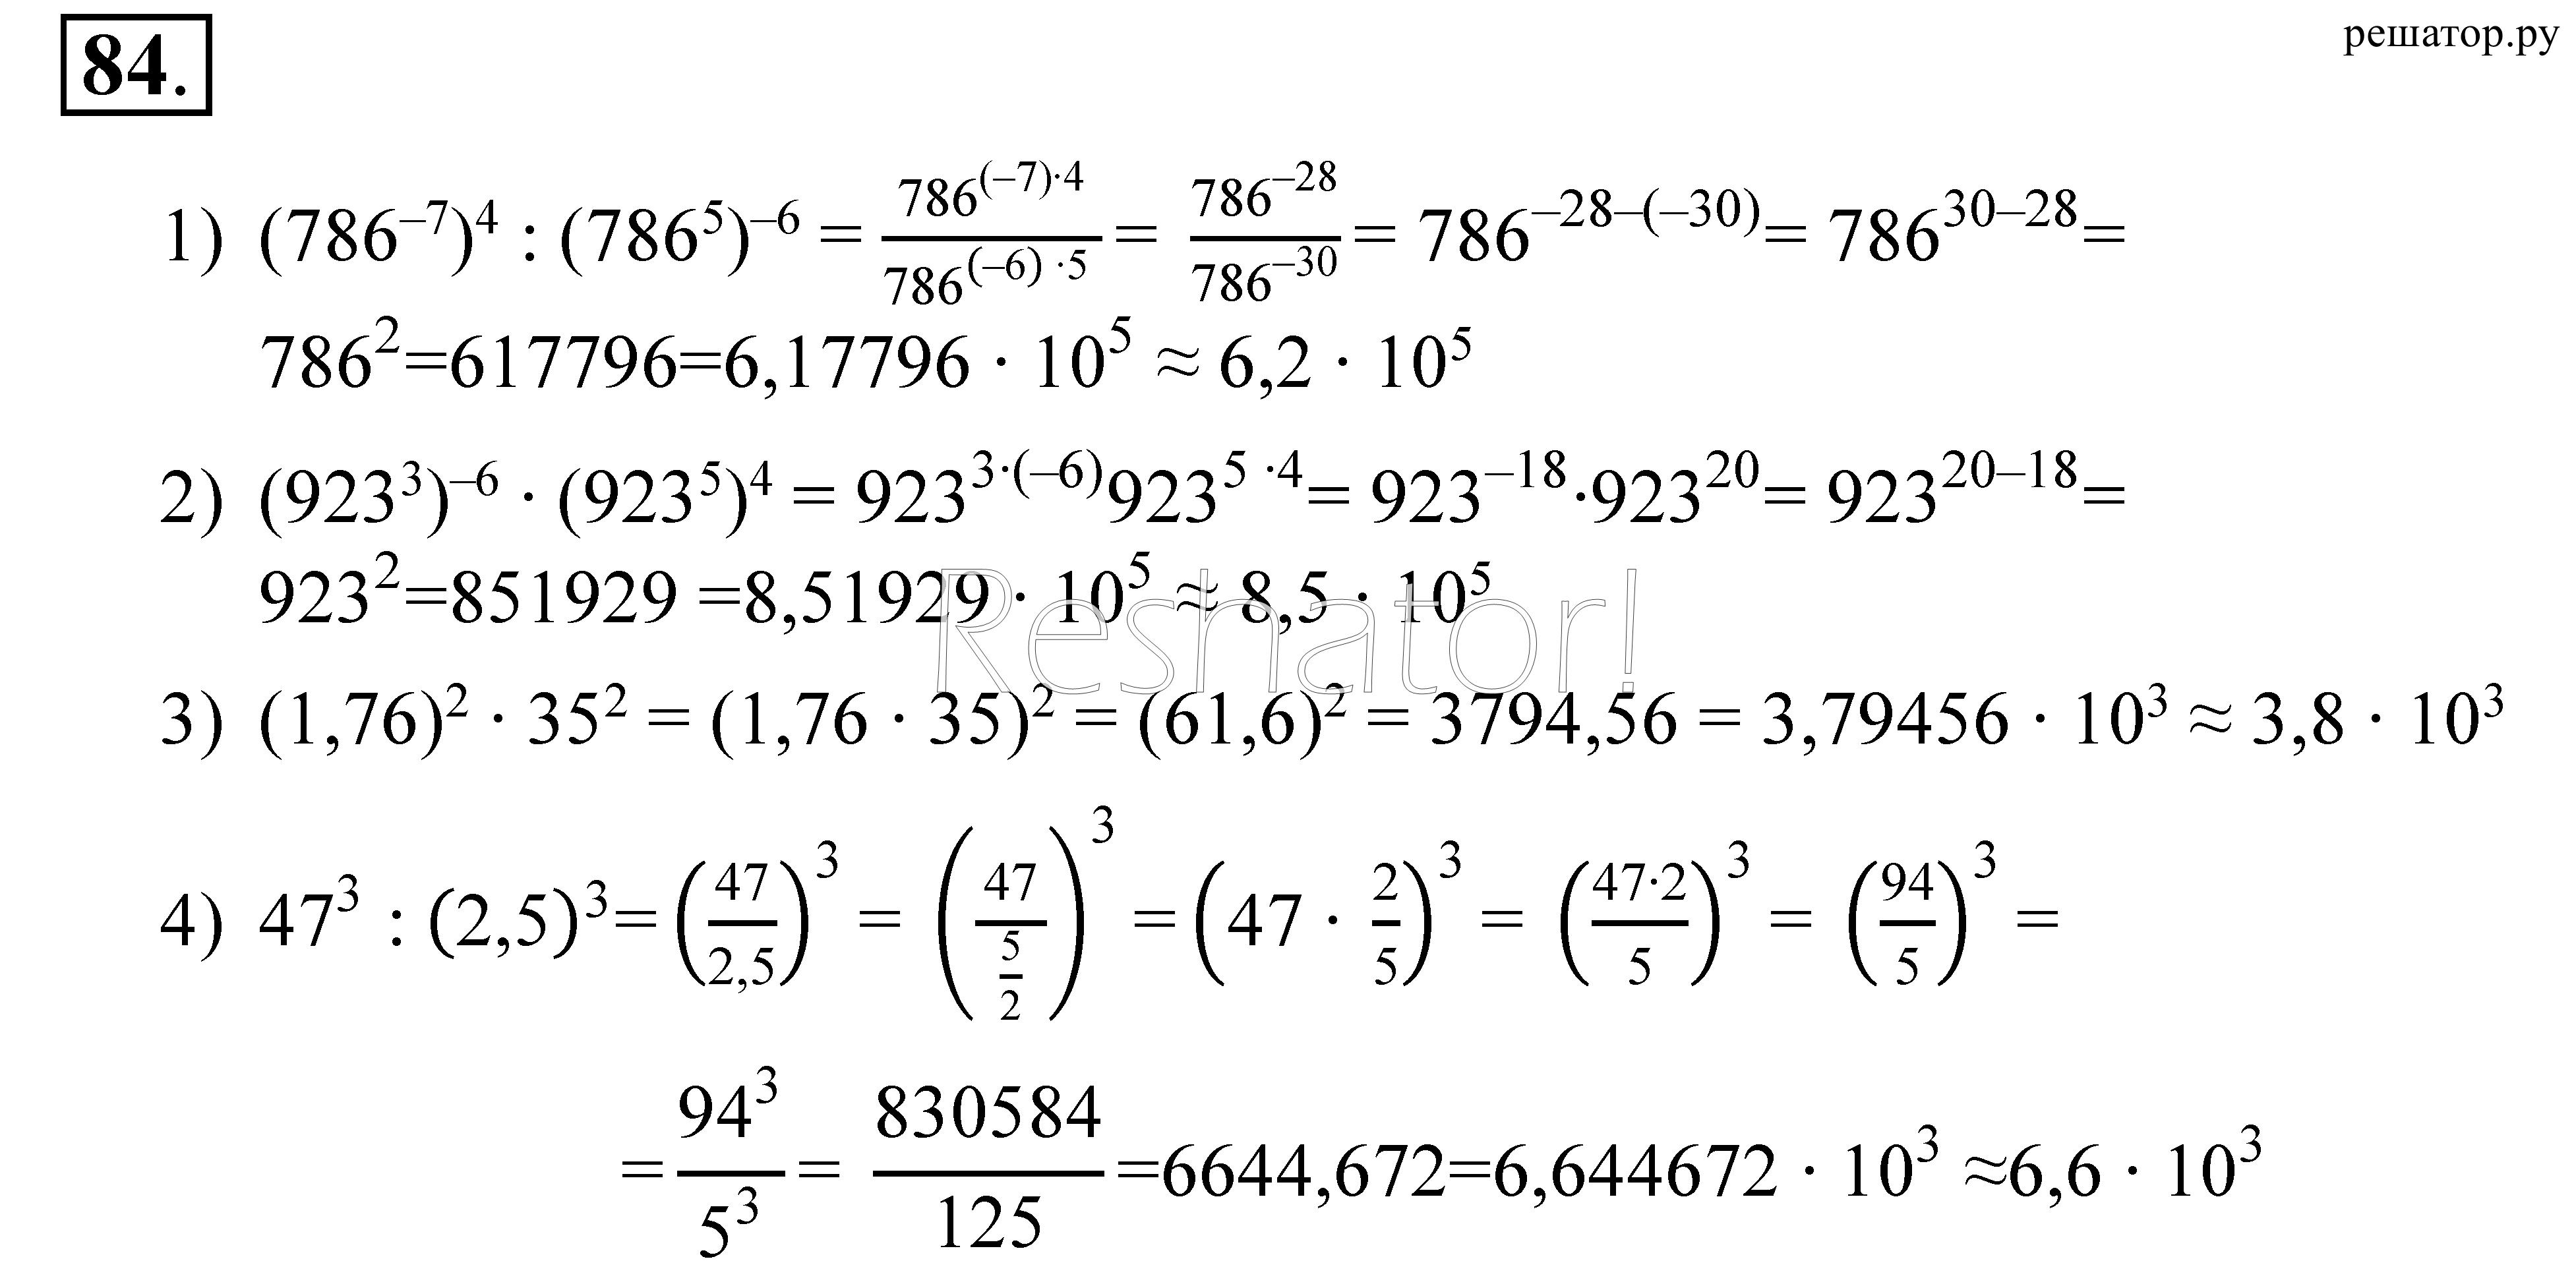 гдз по алгебре 8 класс алимов проверь себя стр 147